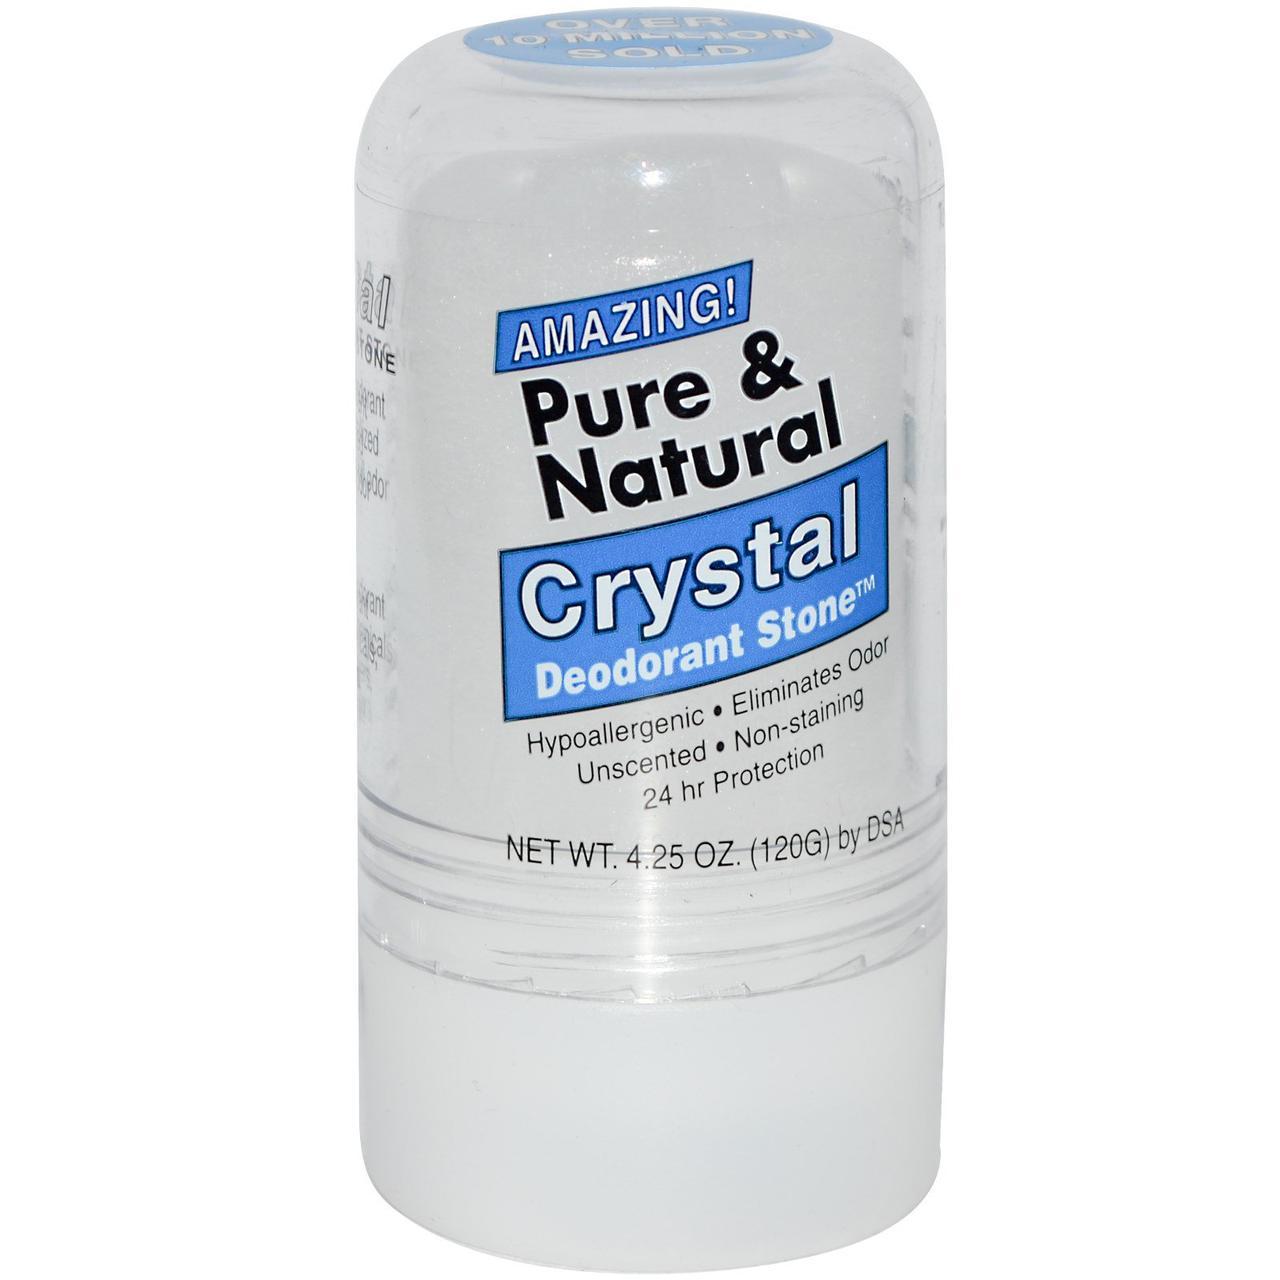 Дезодорант кристал, чистий і натуральний з кристалічних мінеральних солей, Thai Deodorant Stone 120 г